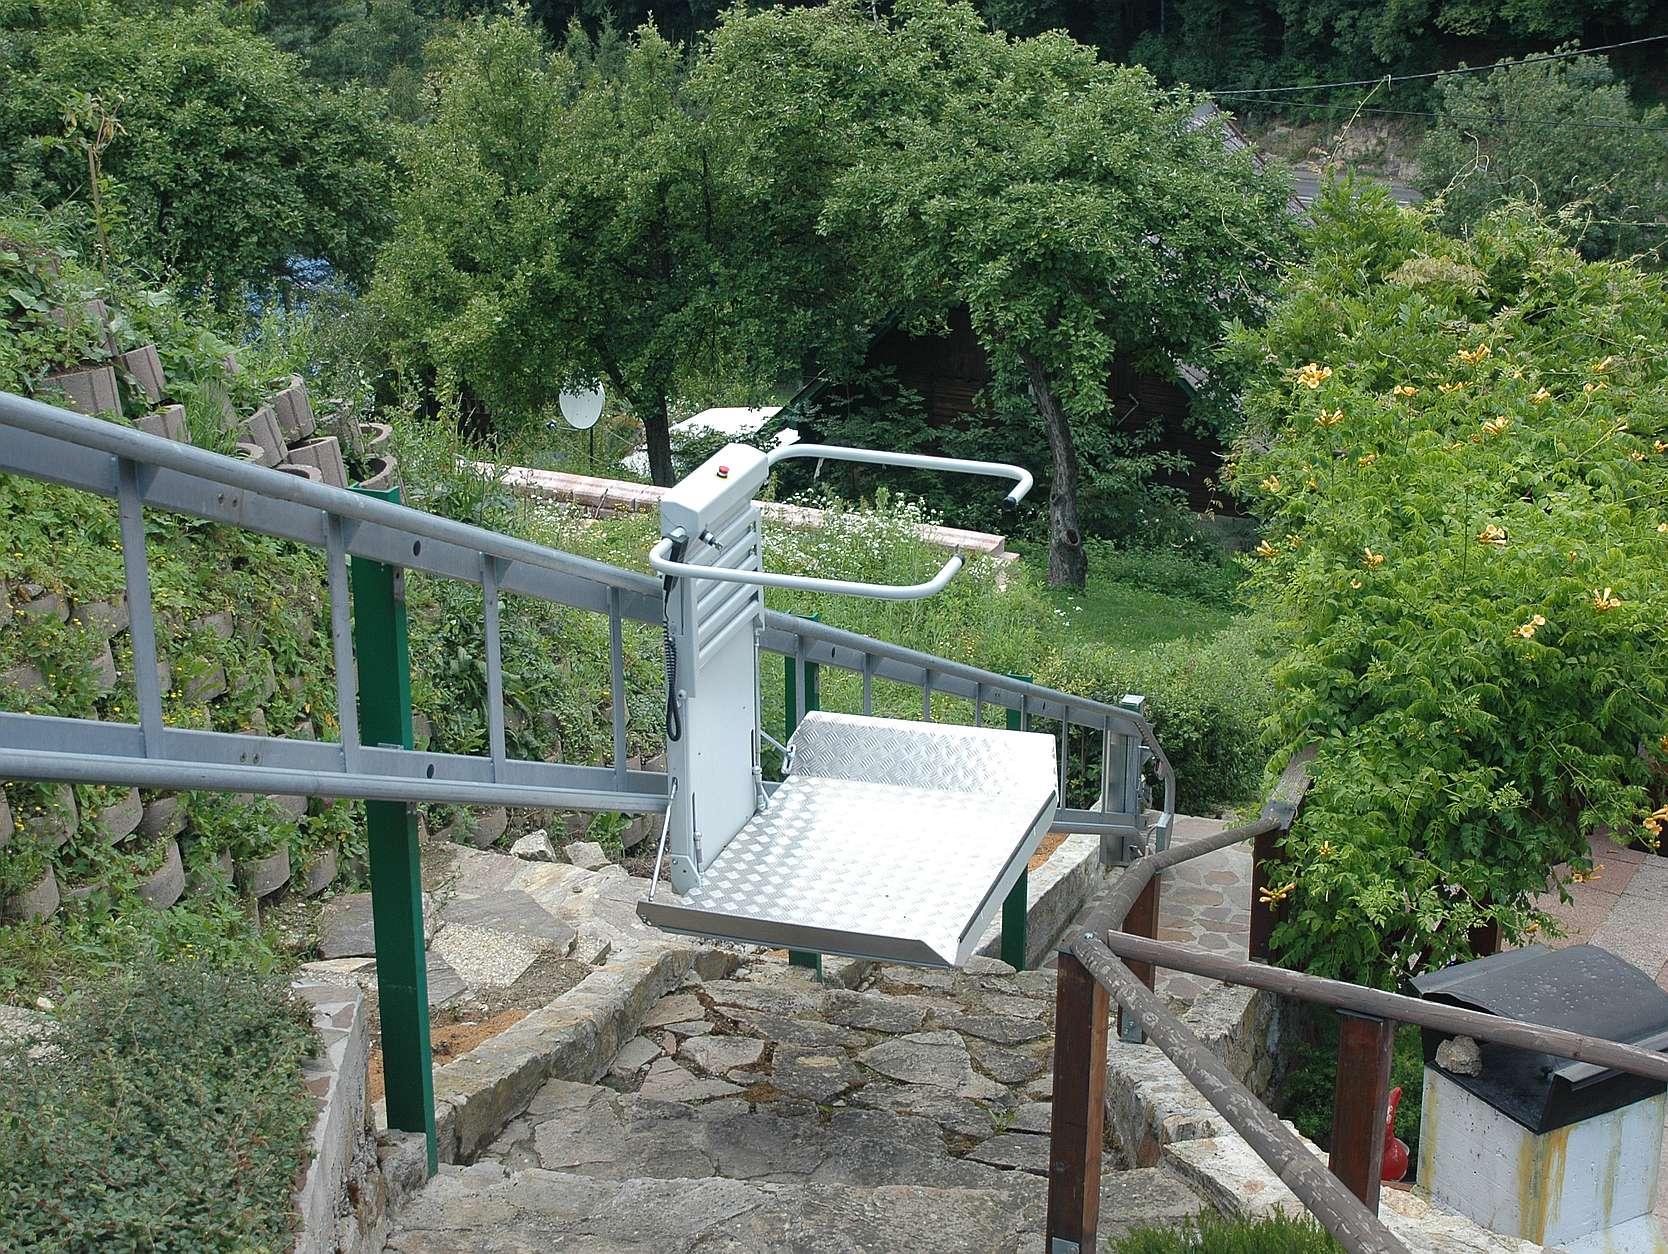 Plattform Treppenlift Außenbreich